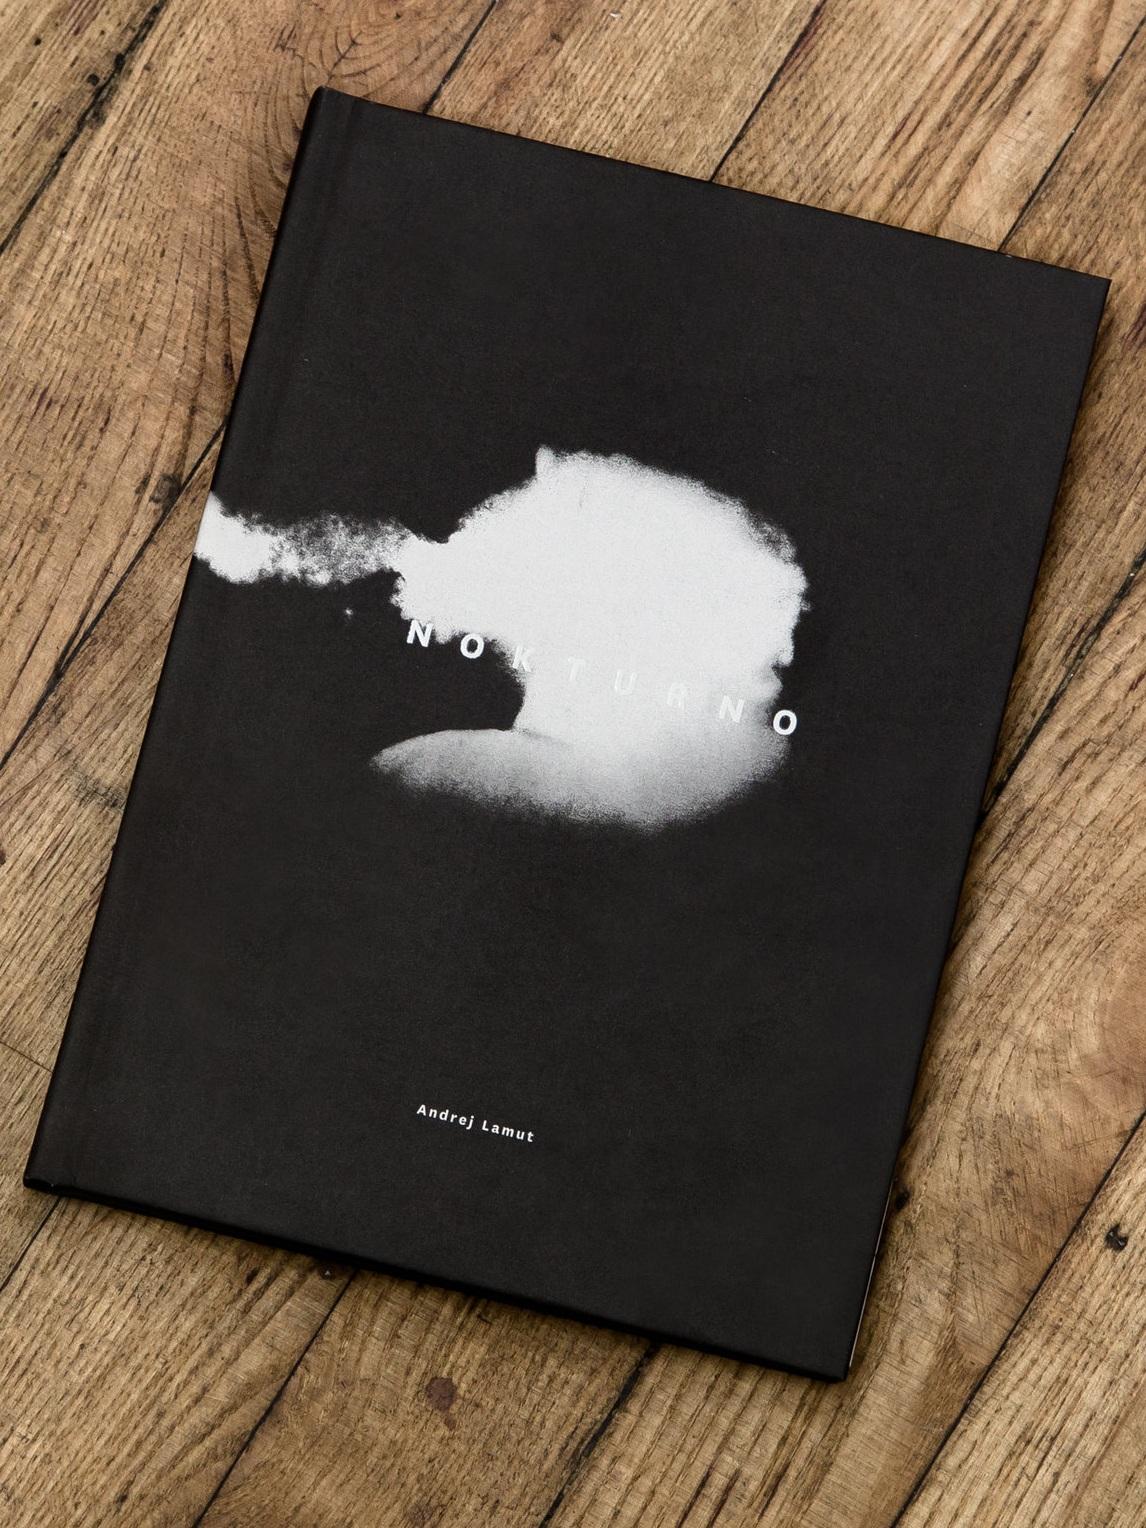 nokturno - book